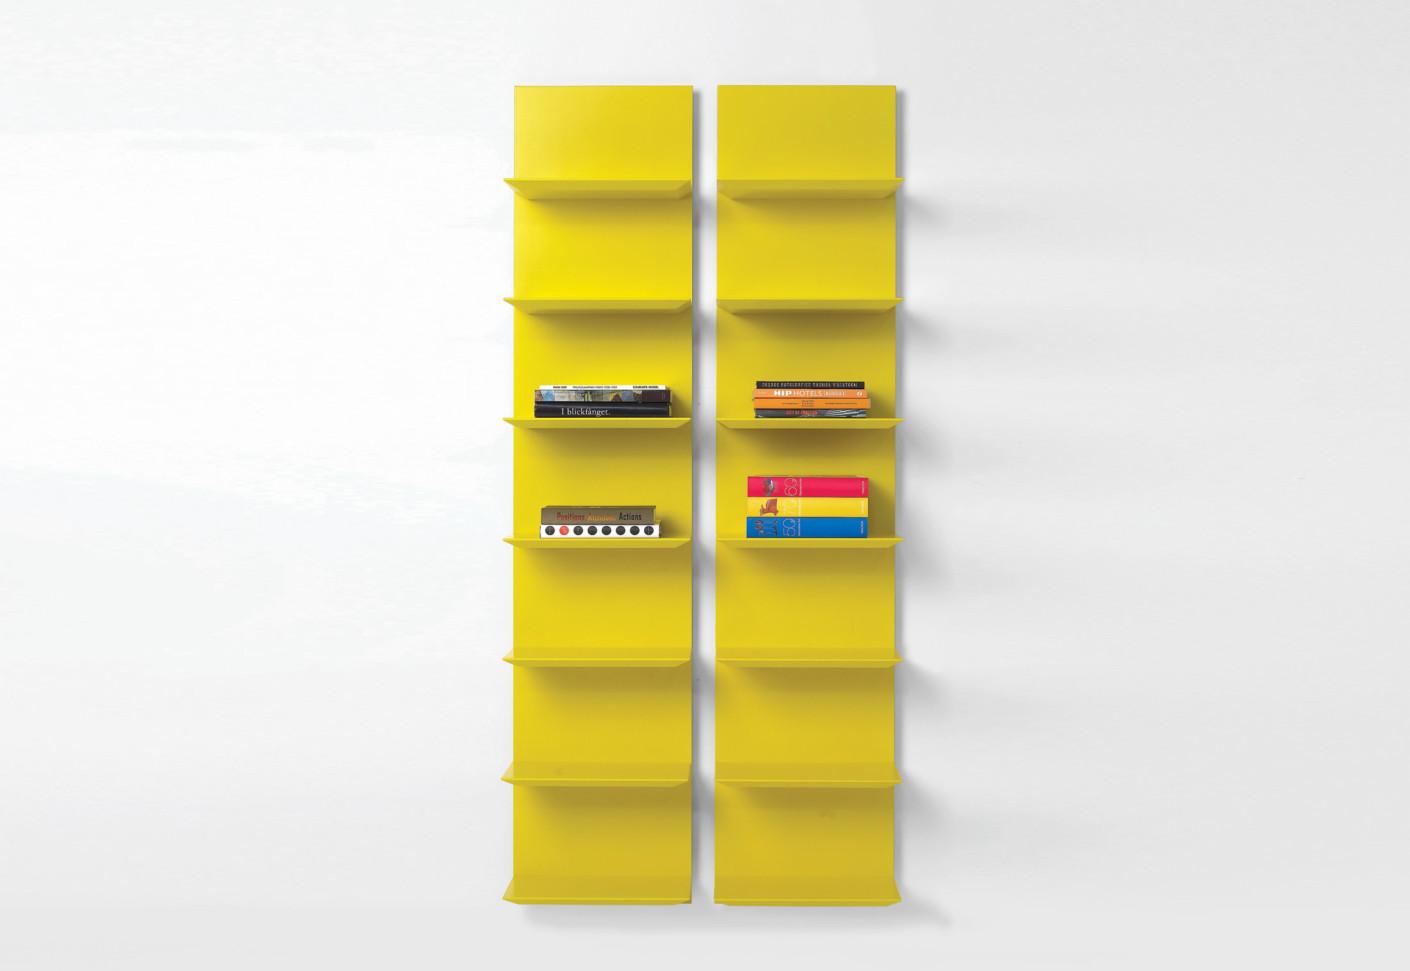 trippo zeitschriftenregal von karl andersson stylepark. Black Bedroom Furniture Sets. Home Design Ideas